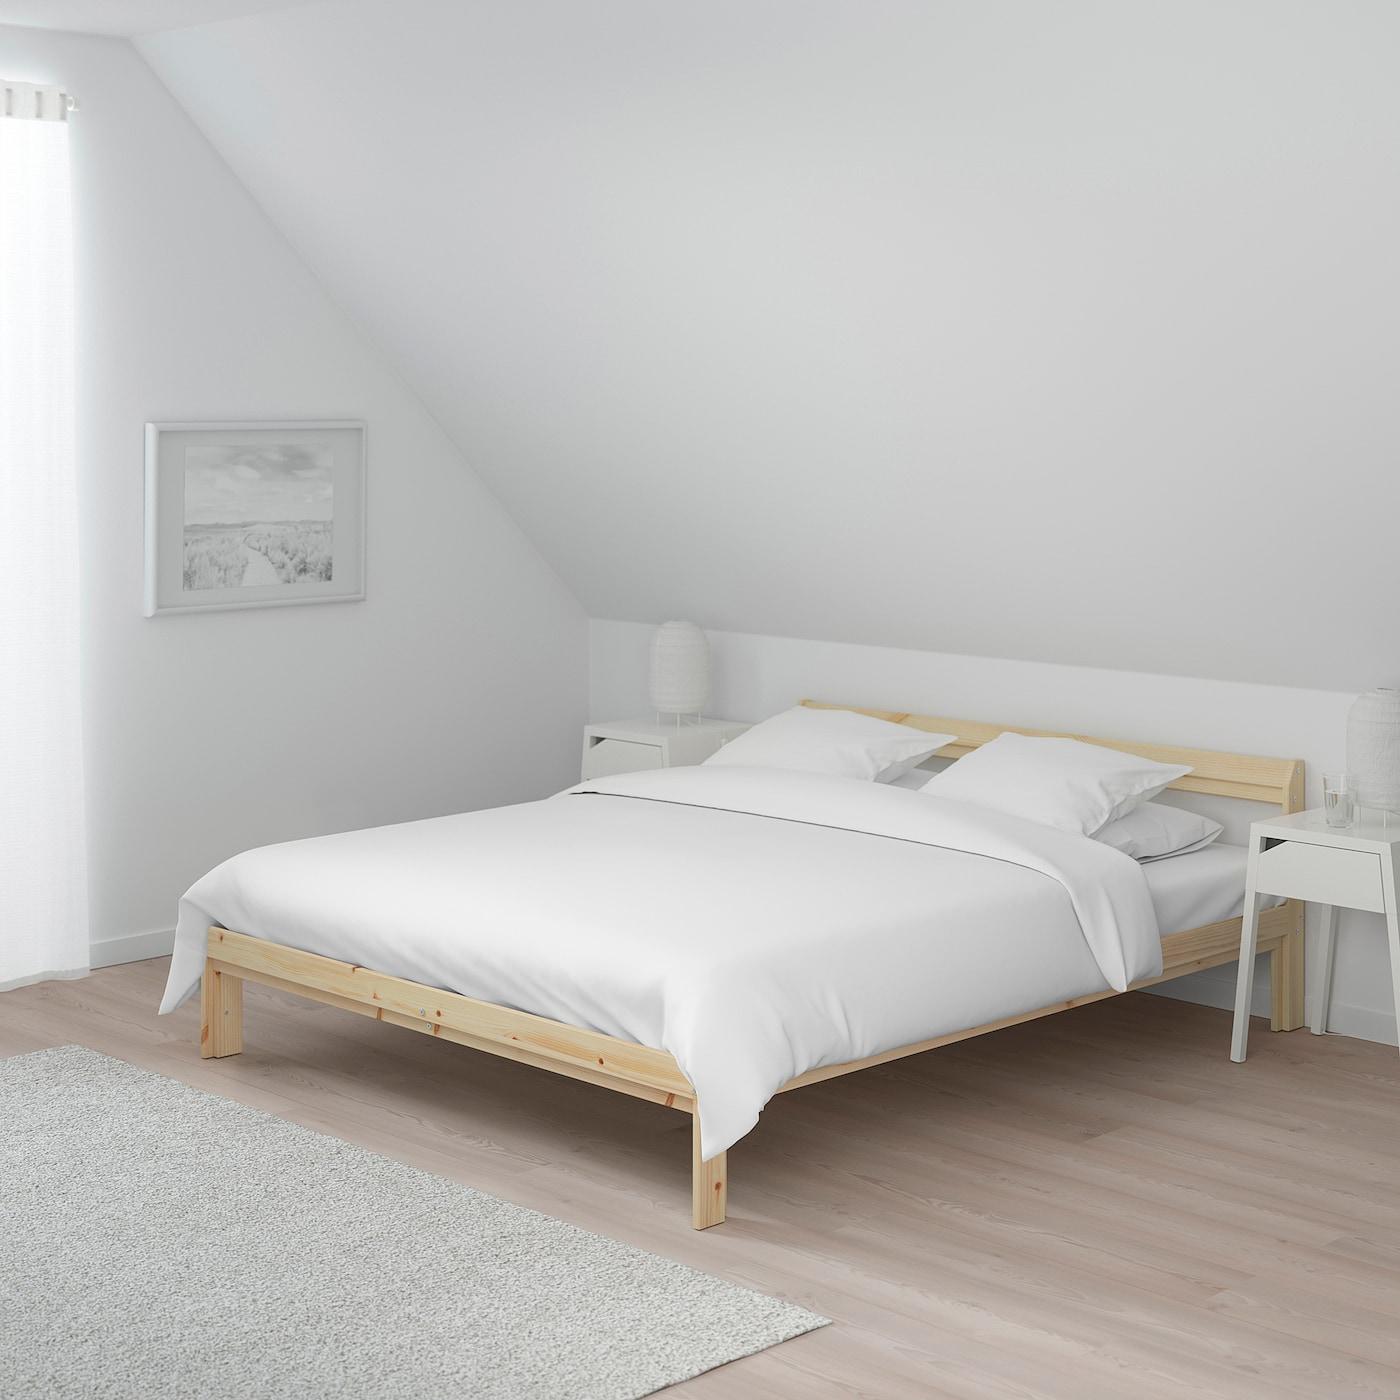 Full Size of Neiden Bettgestell Birke Kiefer Steens Bett Modern Design 120 Cm Breit Platzsparend 2x2m Leander Mit Matratze Und Lattenrost 140x200 Hoch Jensen Betten Wohnzimmer Bett 120x200 Ikea